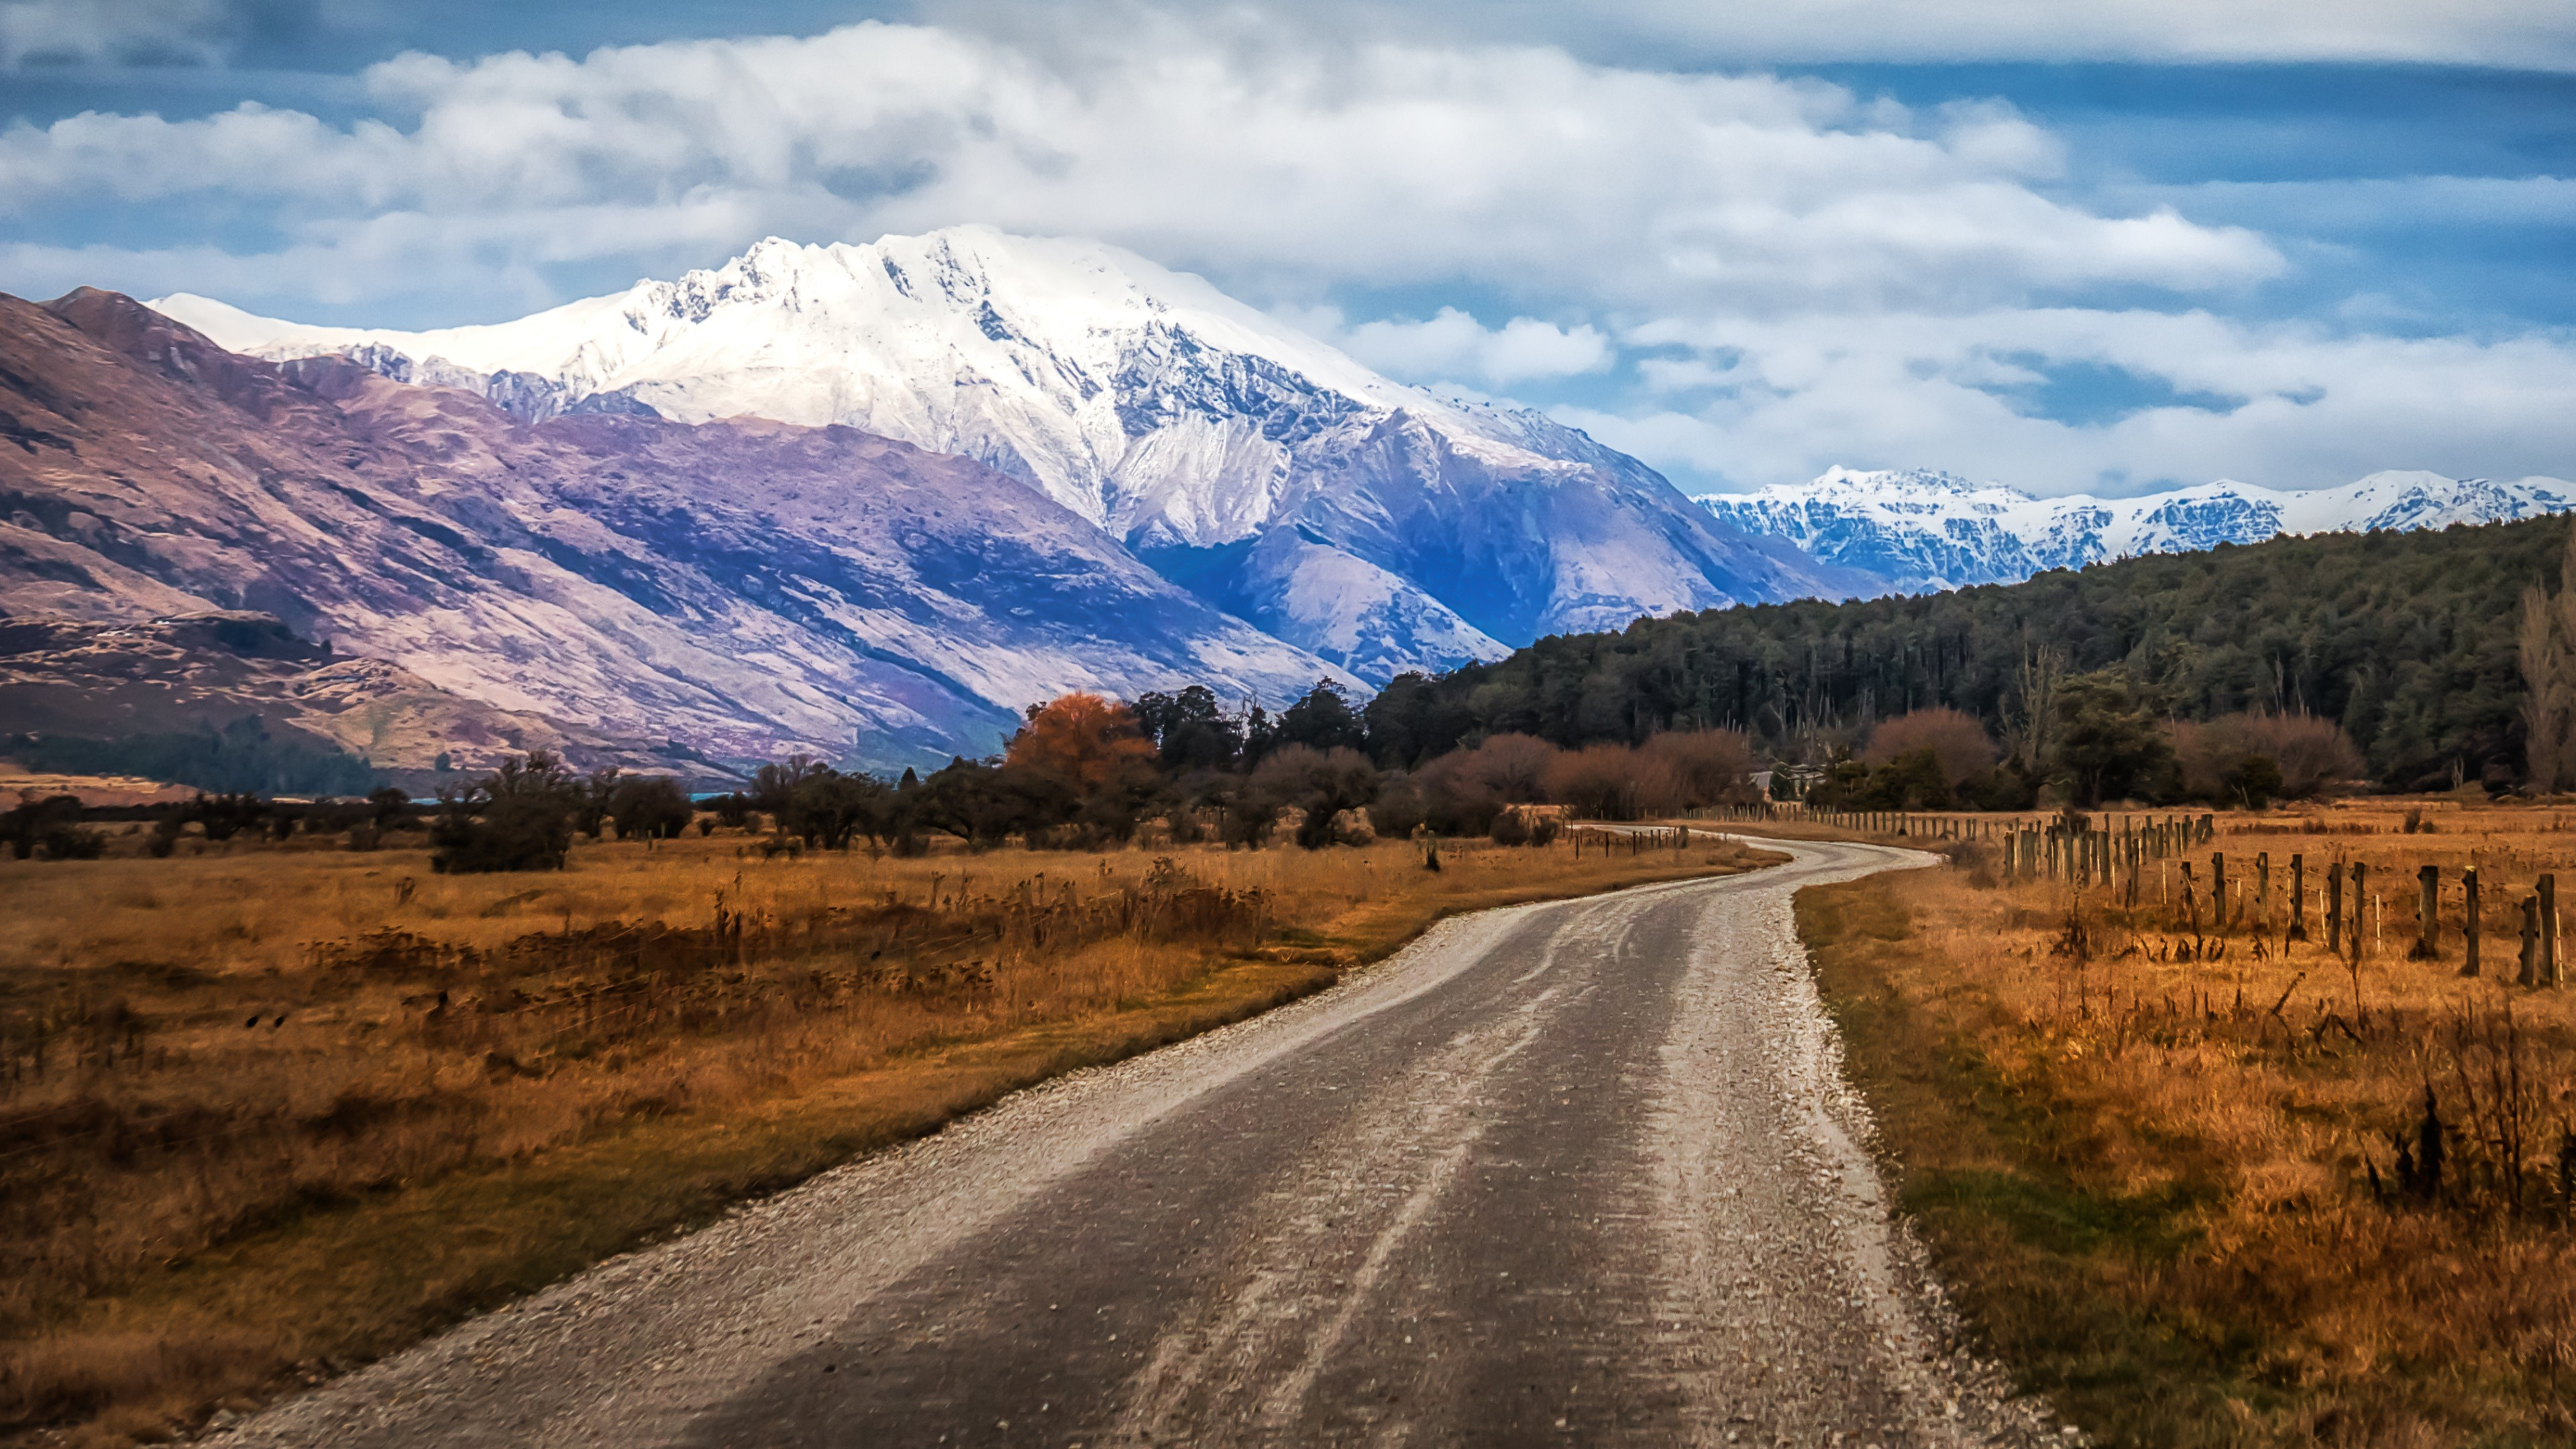 Fondos de pantalla Montaña Glenorchy en Nueva Zelanda